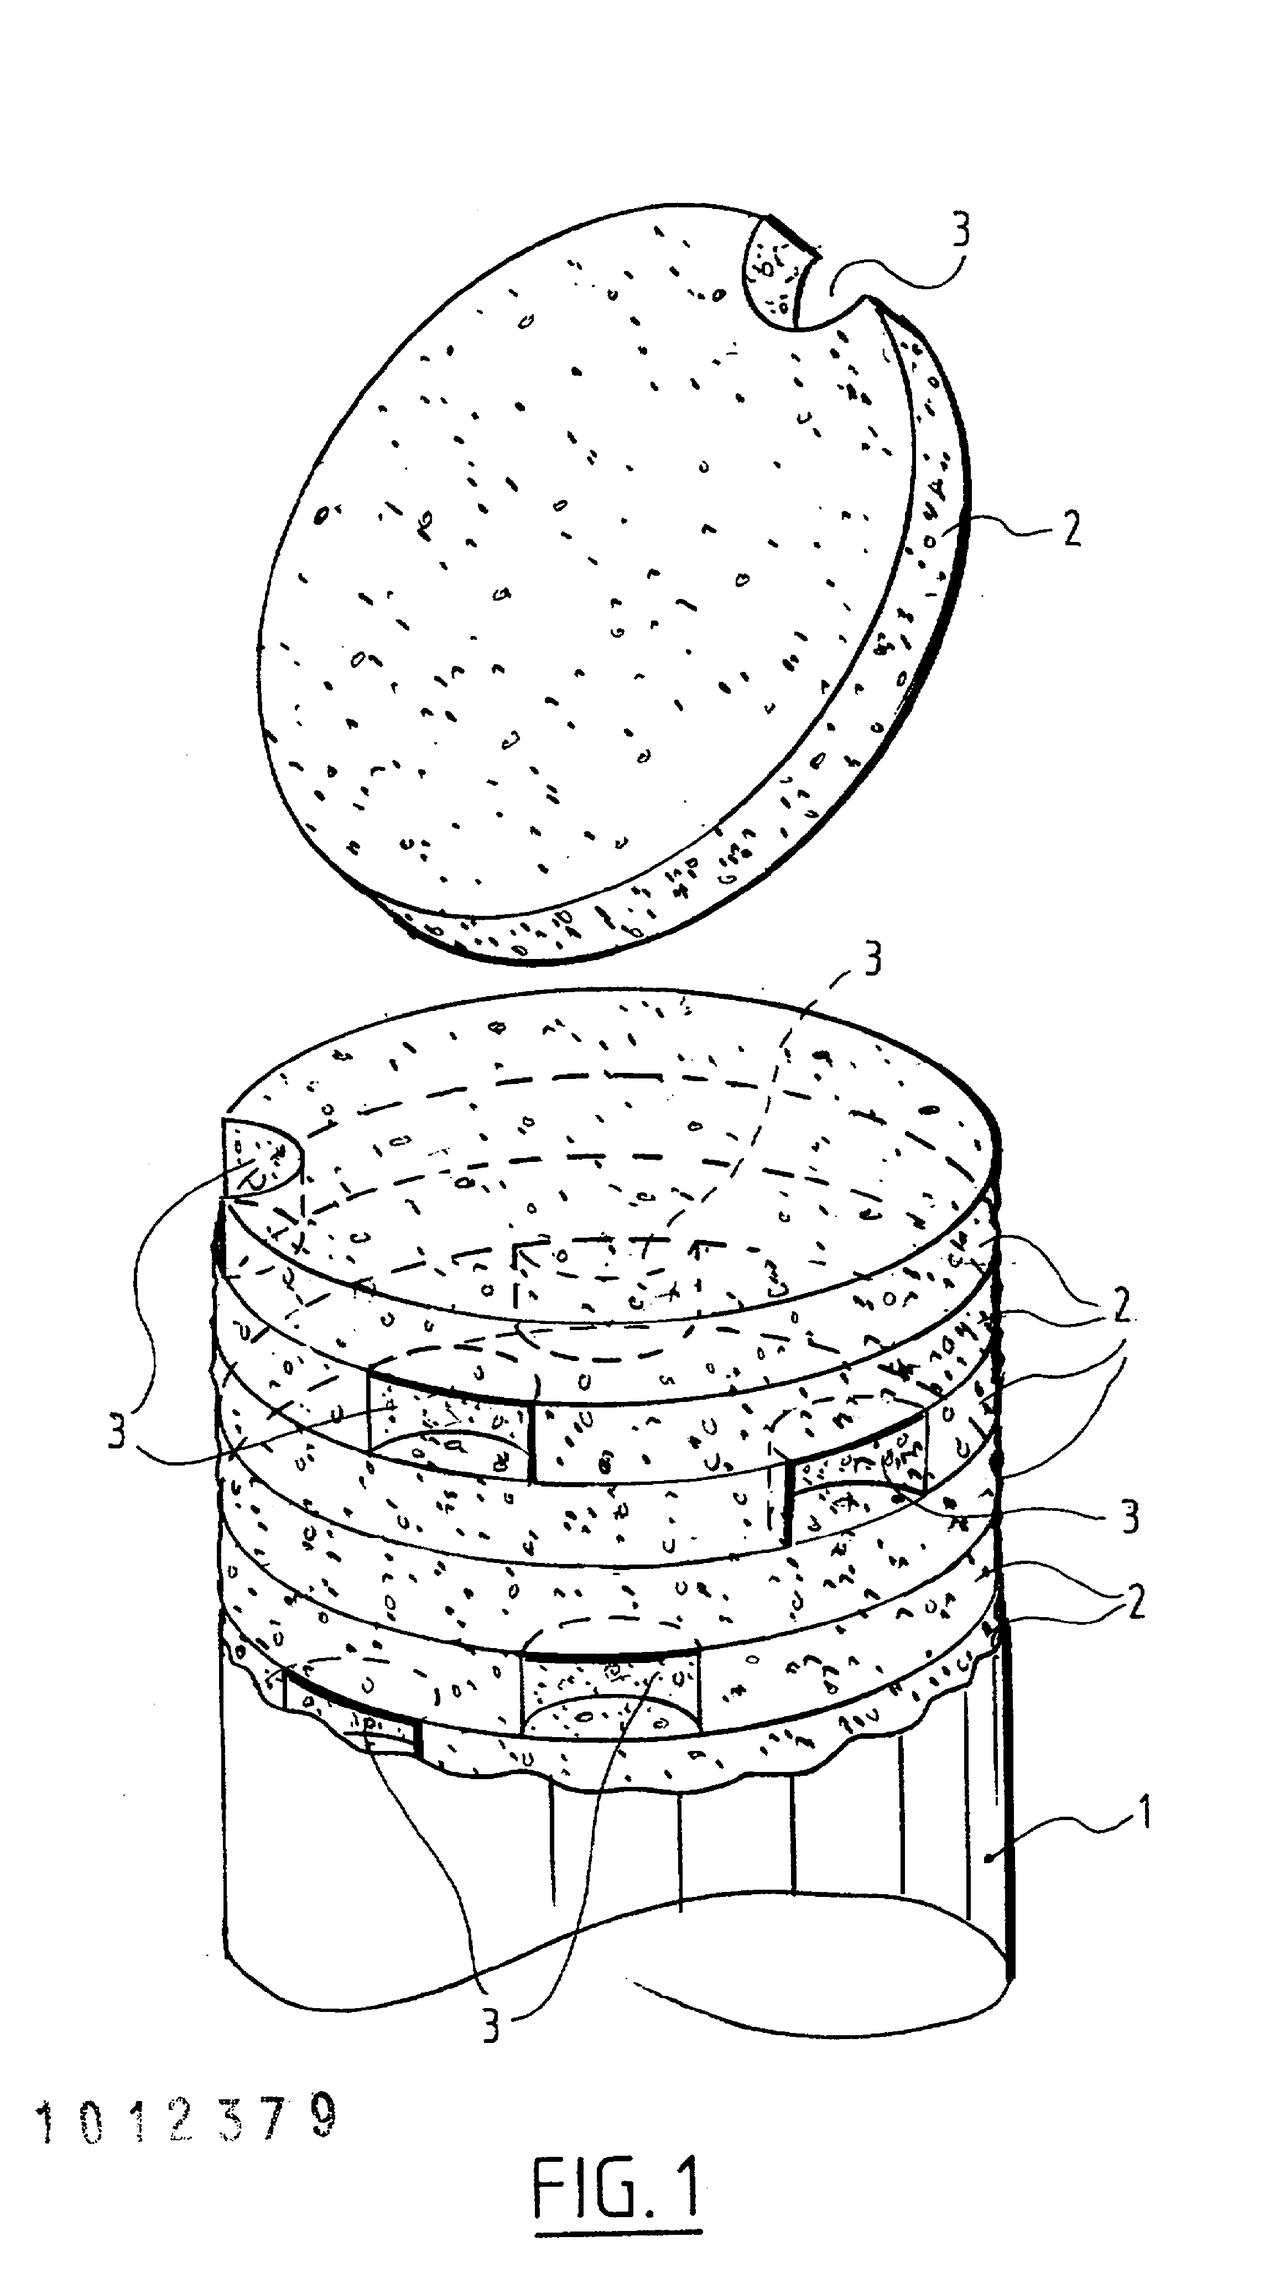 patent beschuit